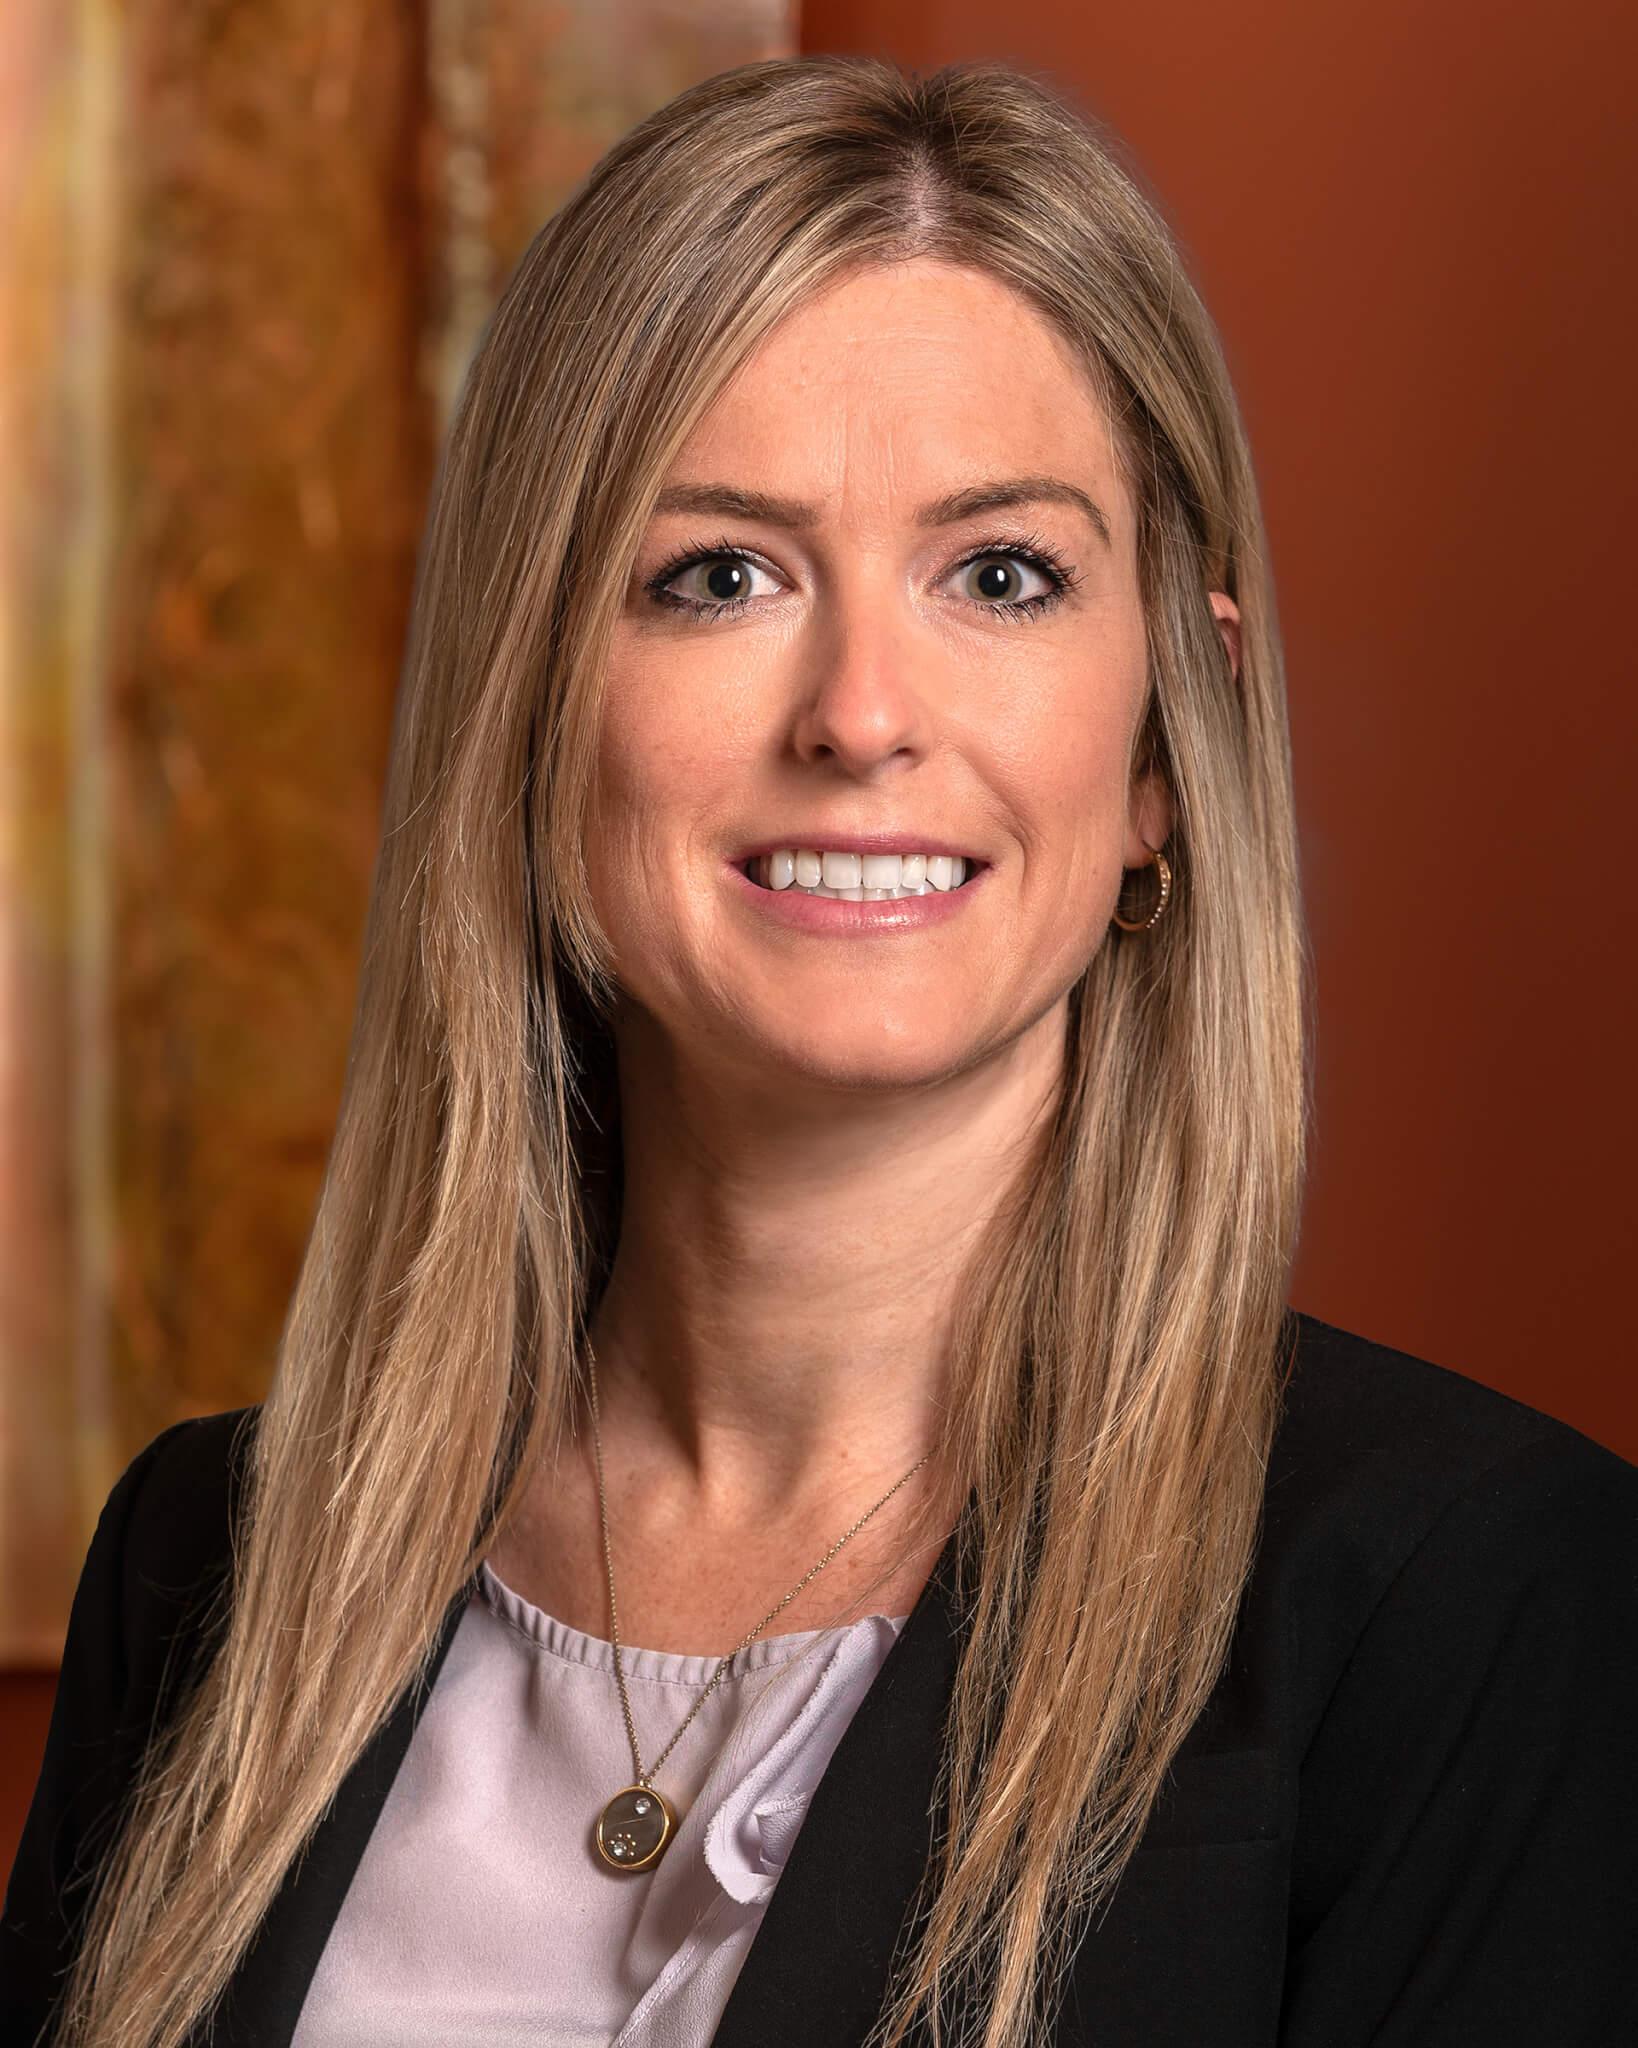 Melissa Ruter